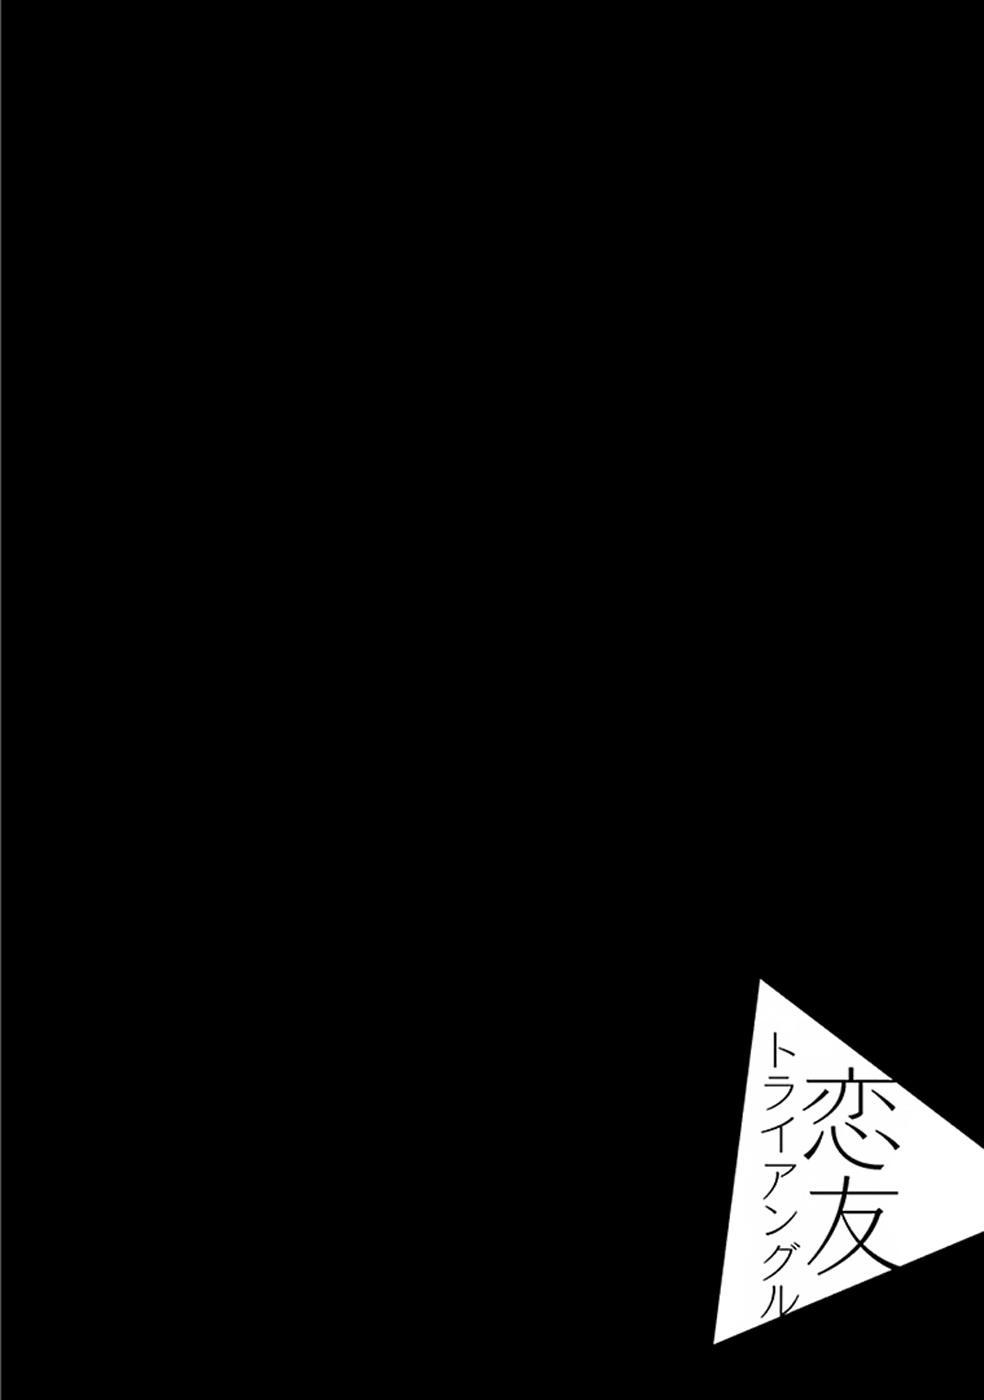 Koitomo Triangle 58